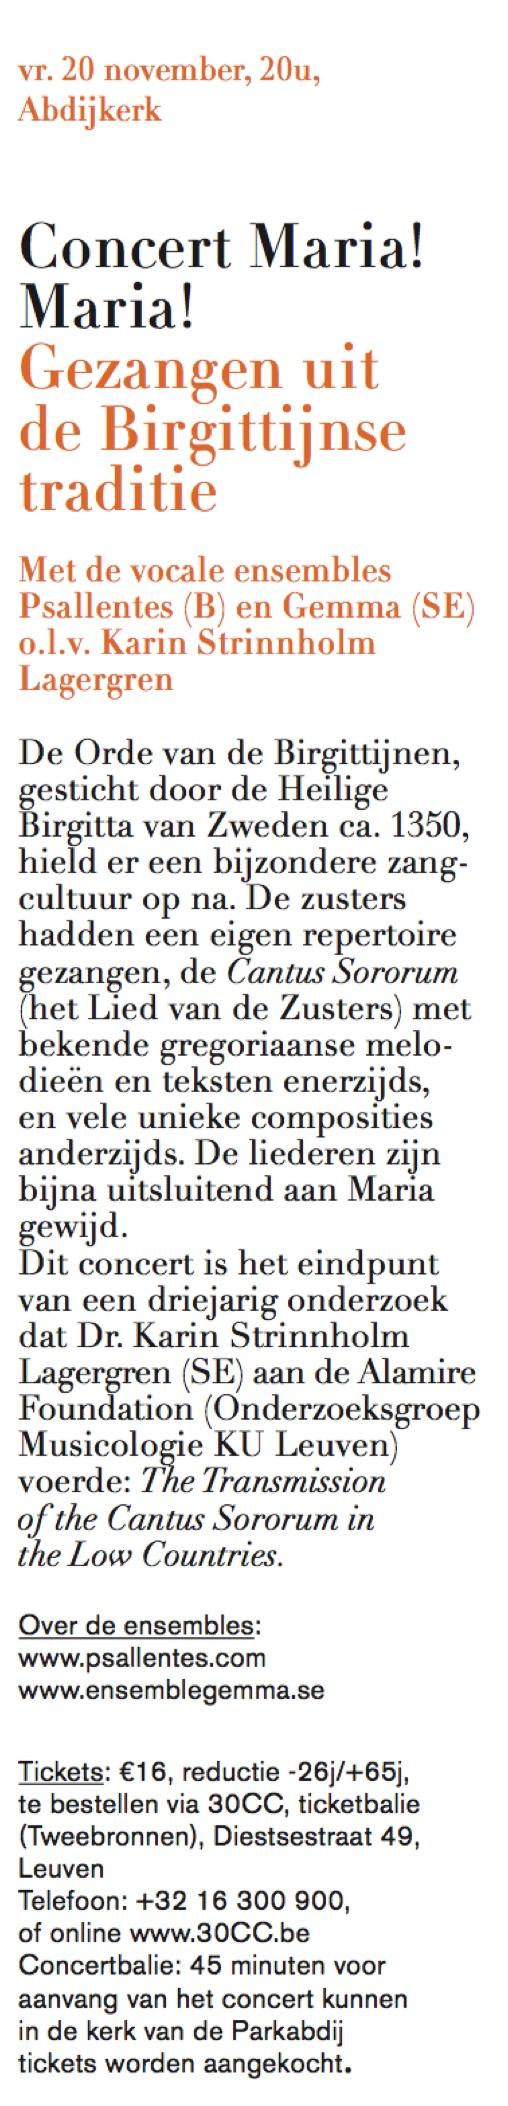 Concert Maria Maria